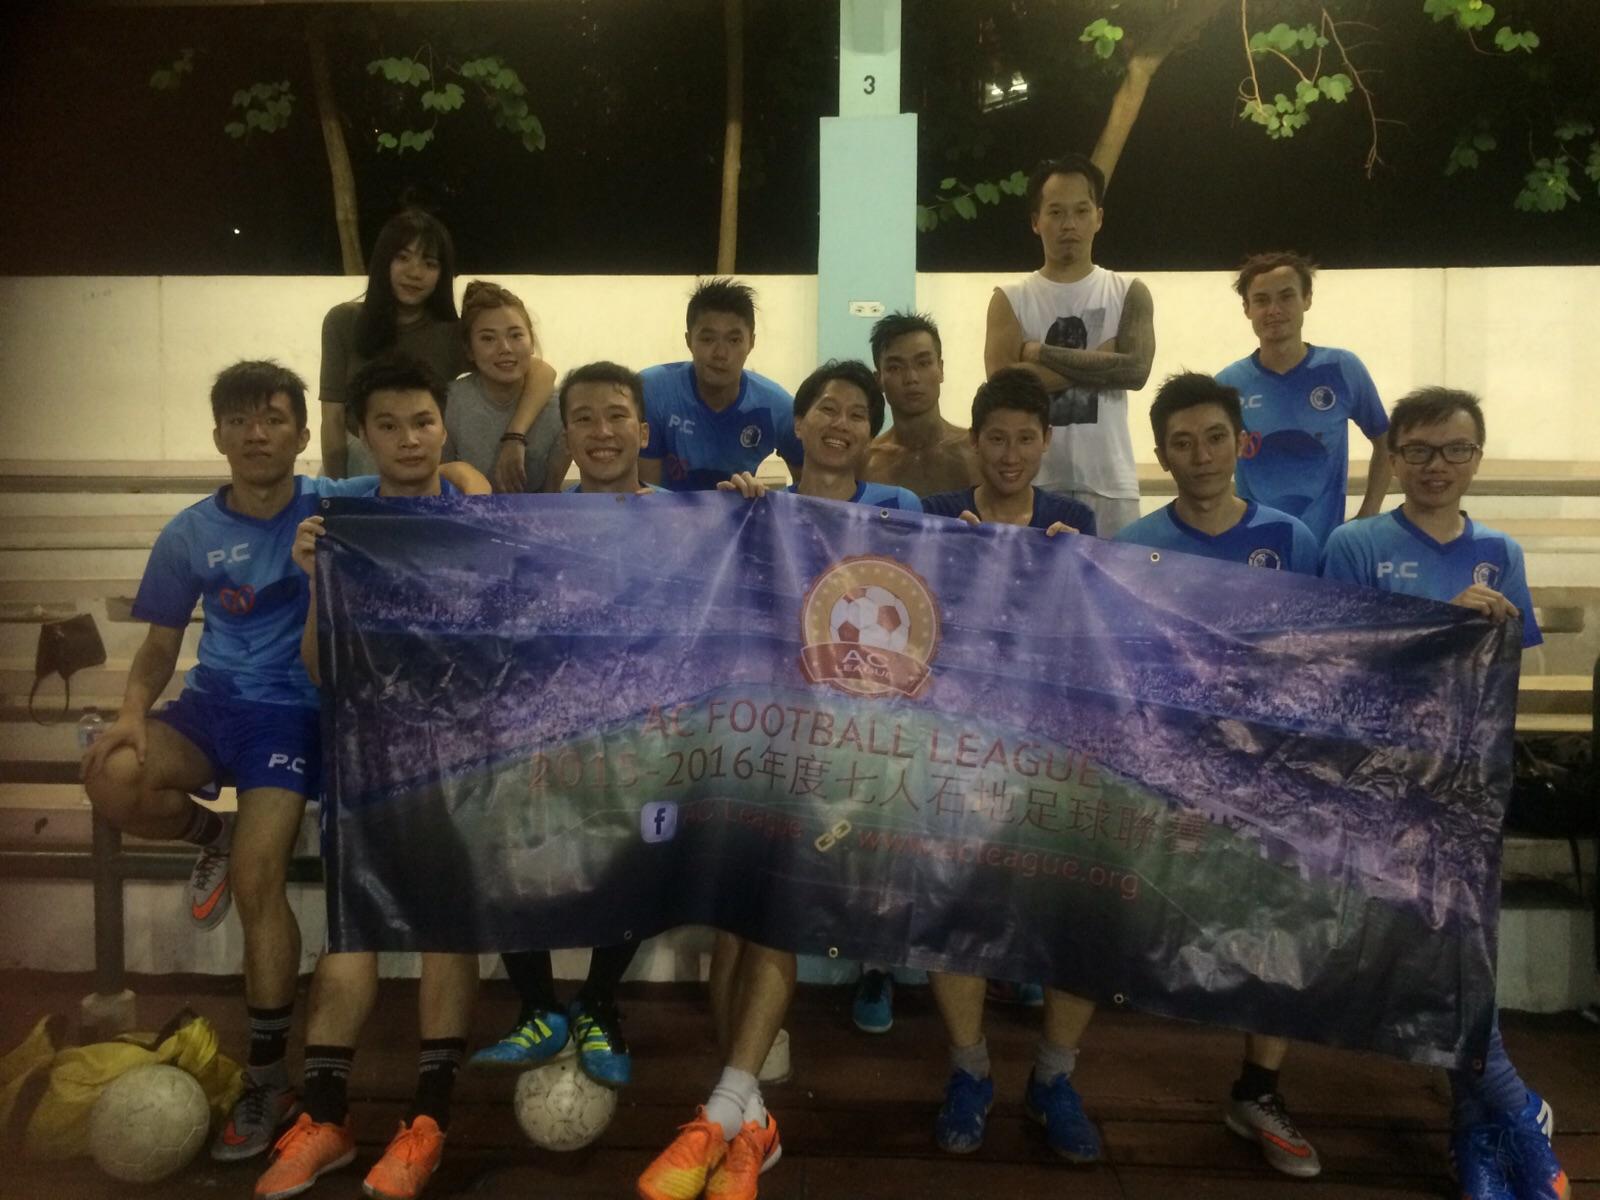 FC Piece